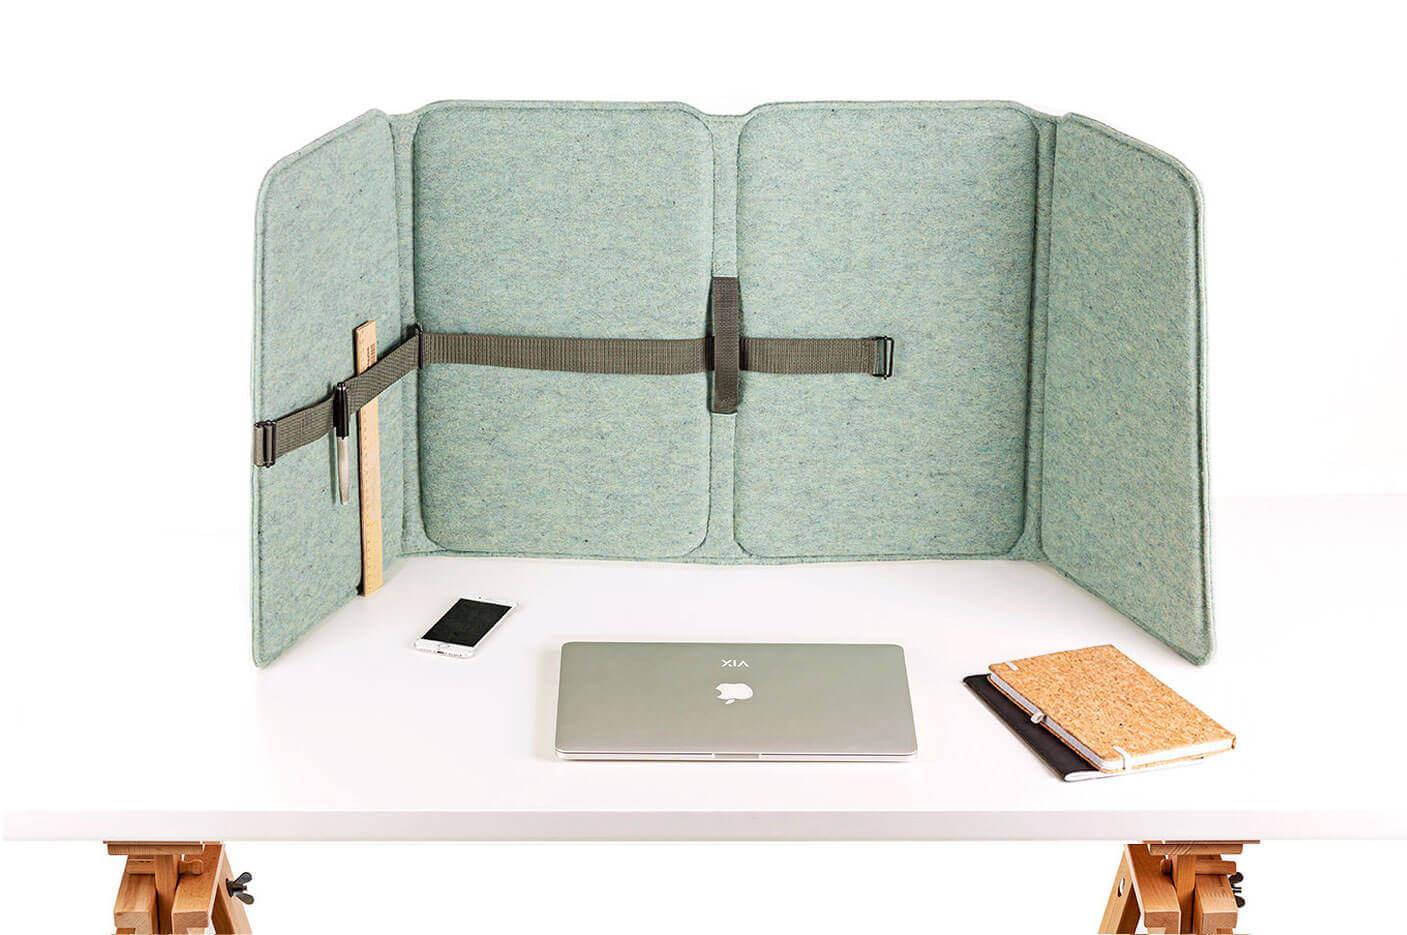 VLINDER akoestisch flex-bureauscherm, wandpaneel, tussenschot.